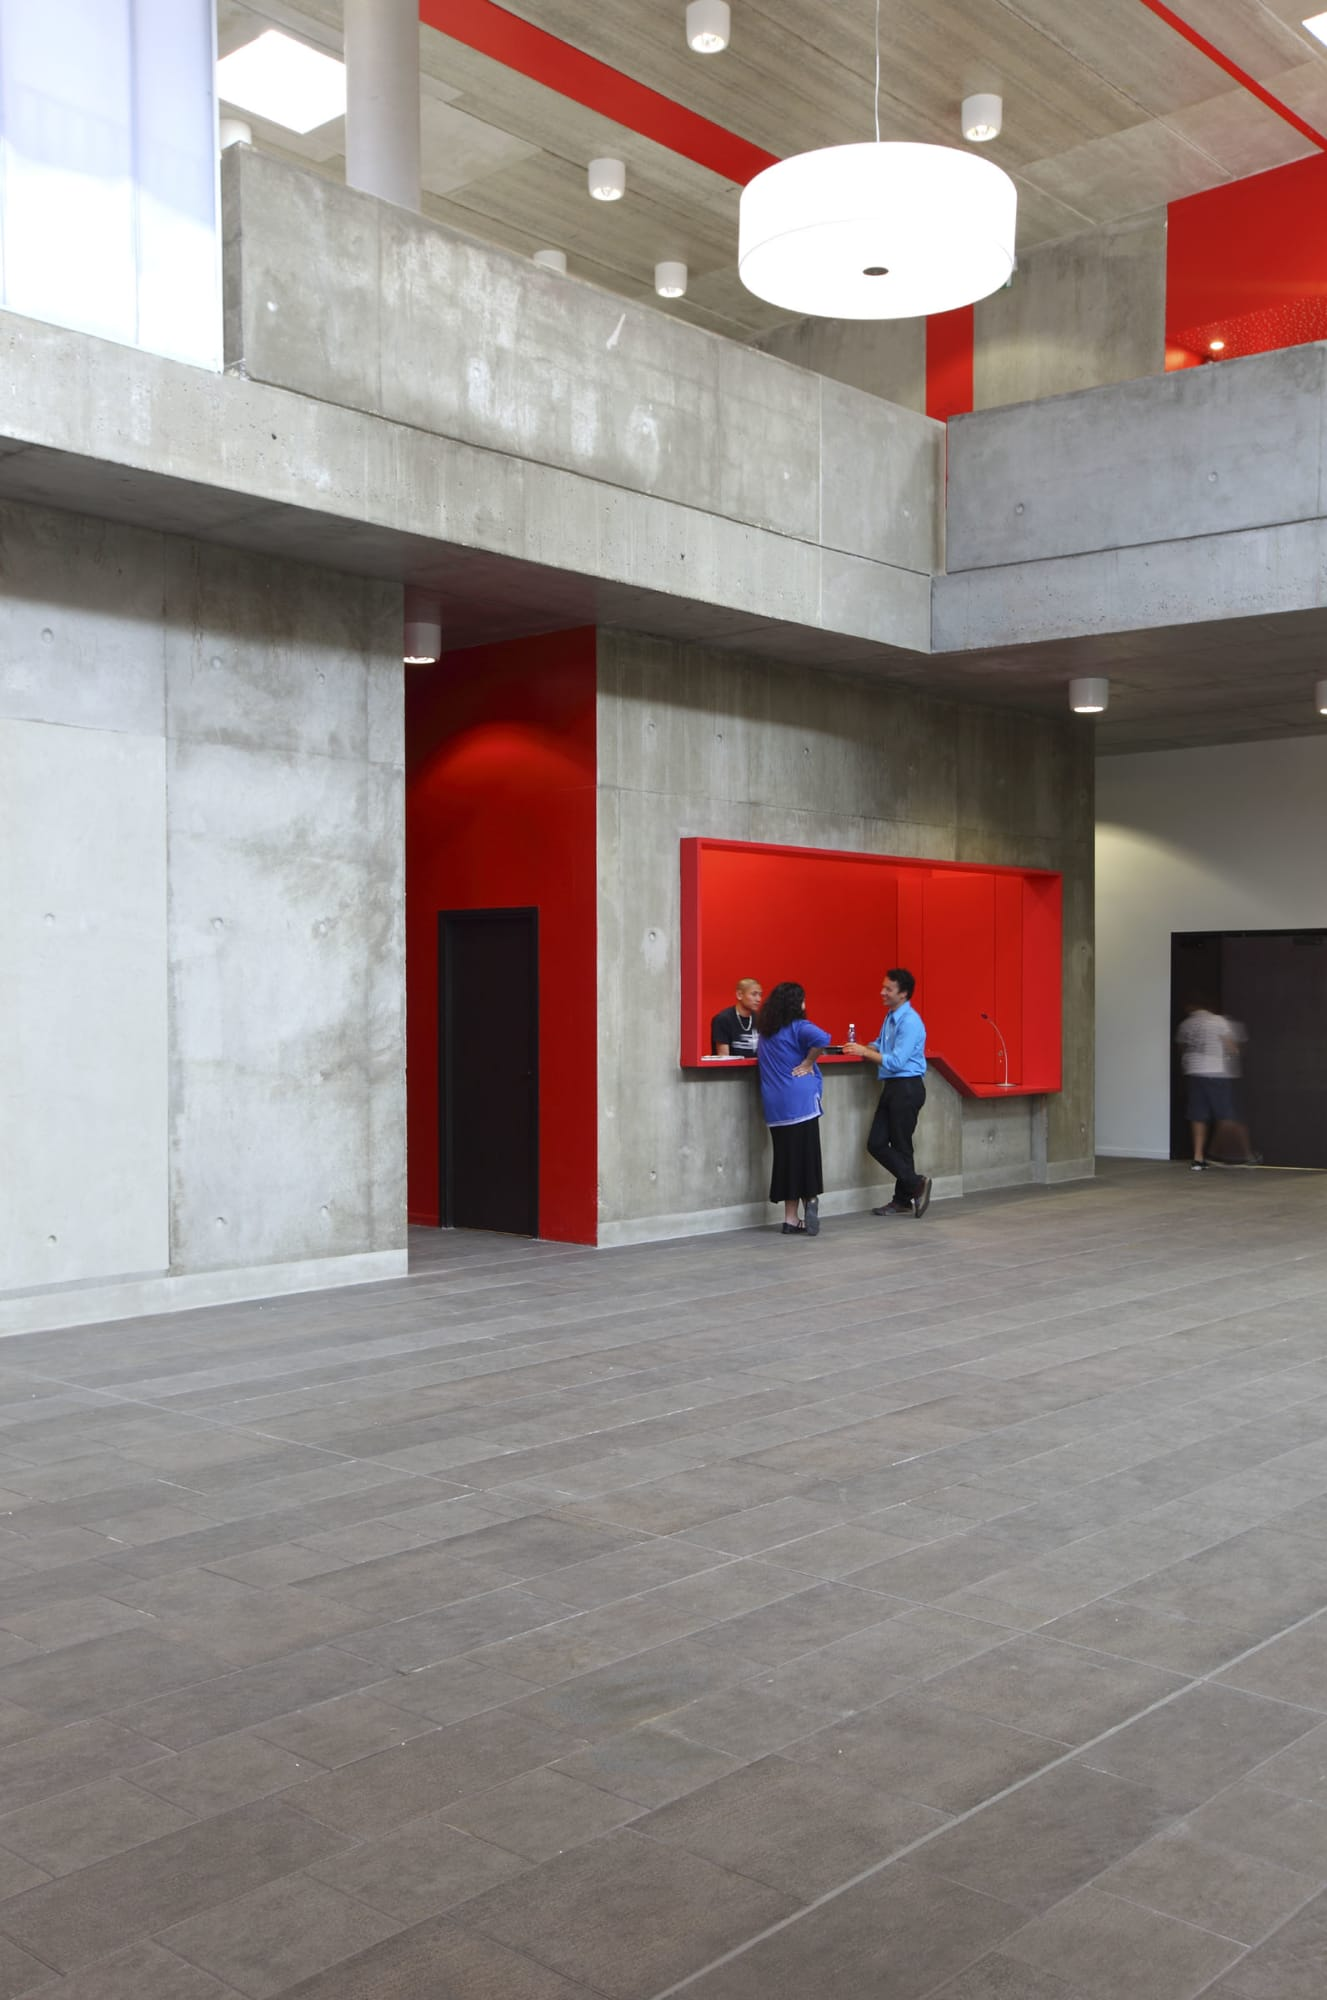 La Maison Du Monde Bilbao gaëtan le penhuel architectes, david cousin marsy · maison